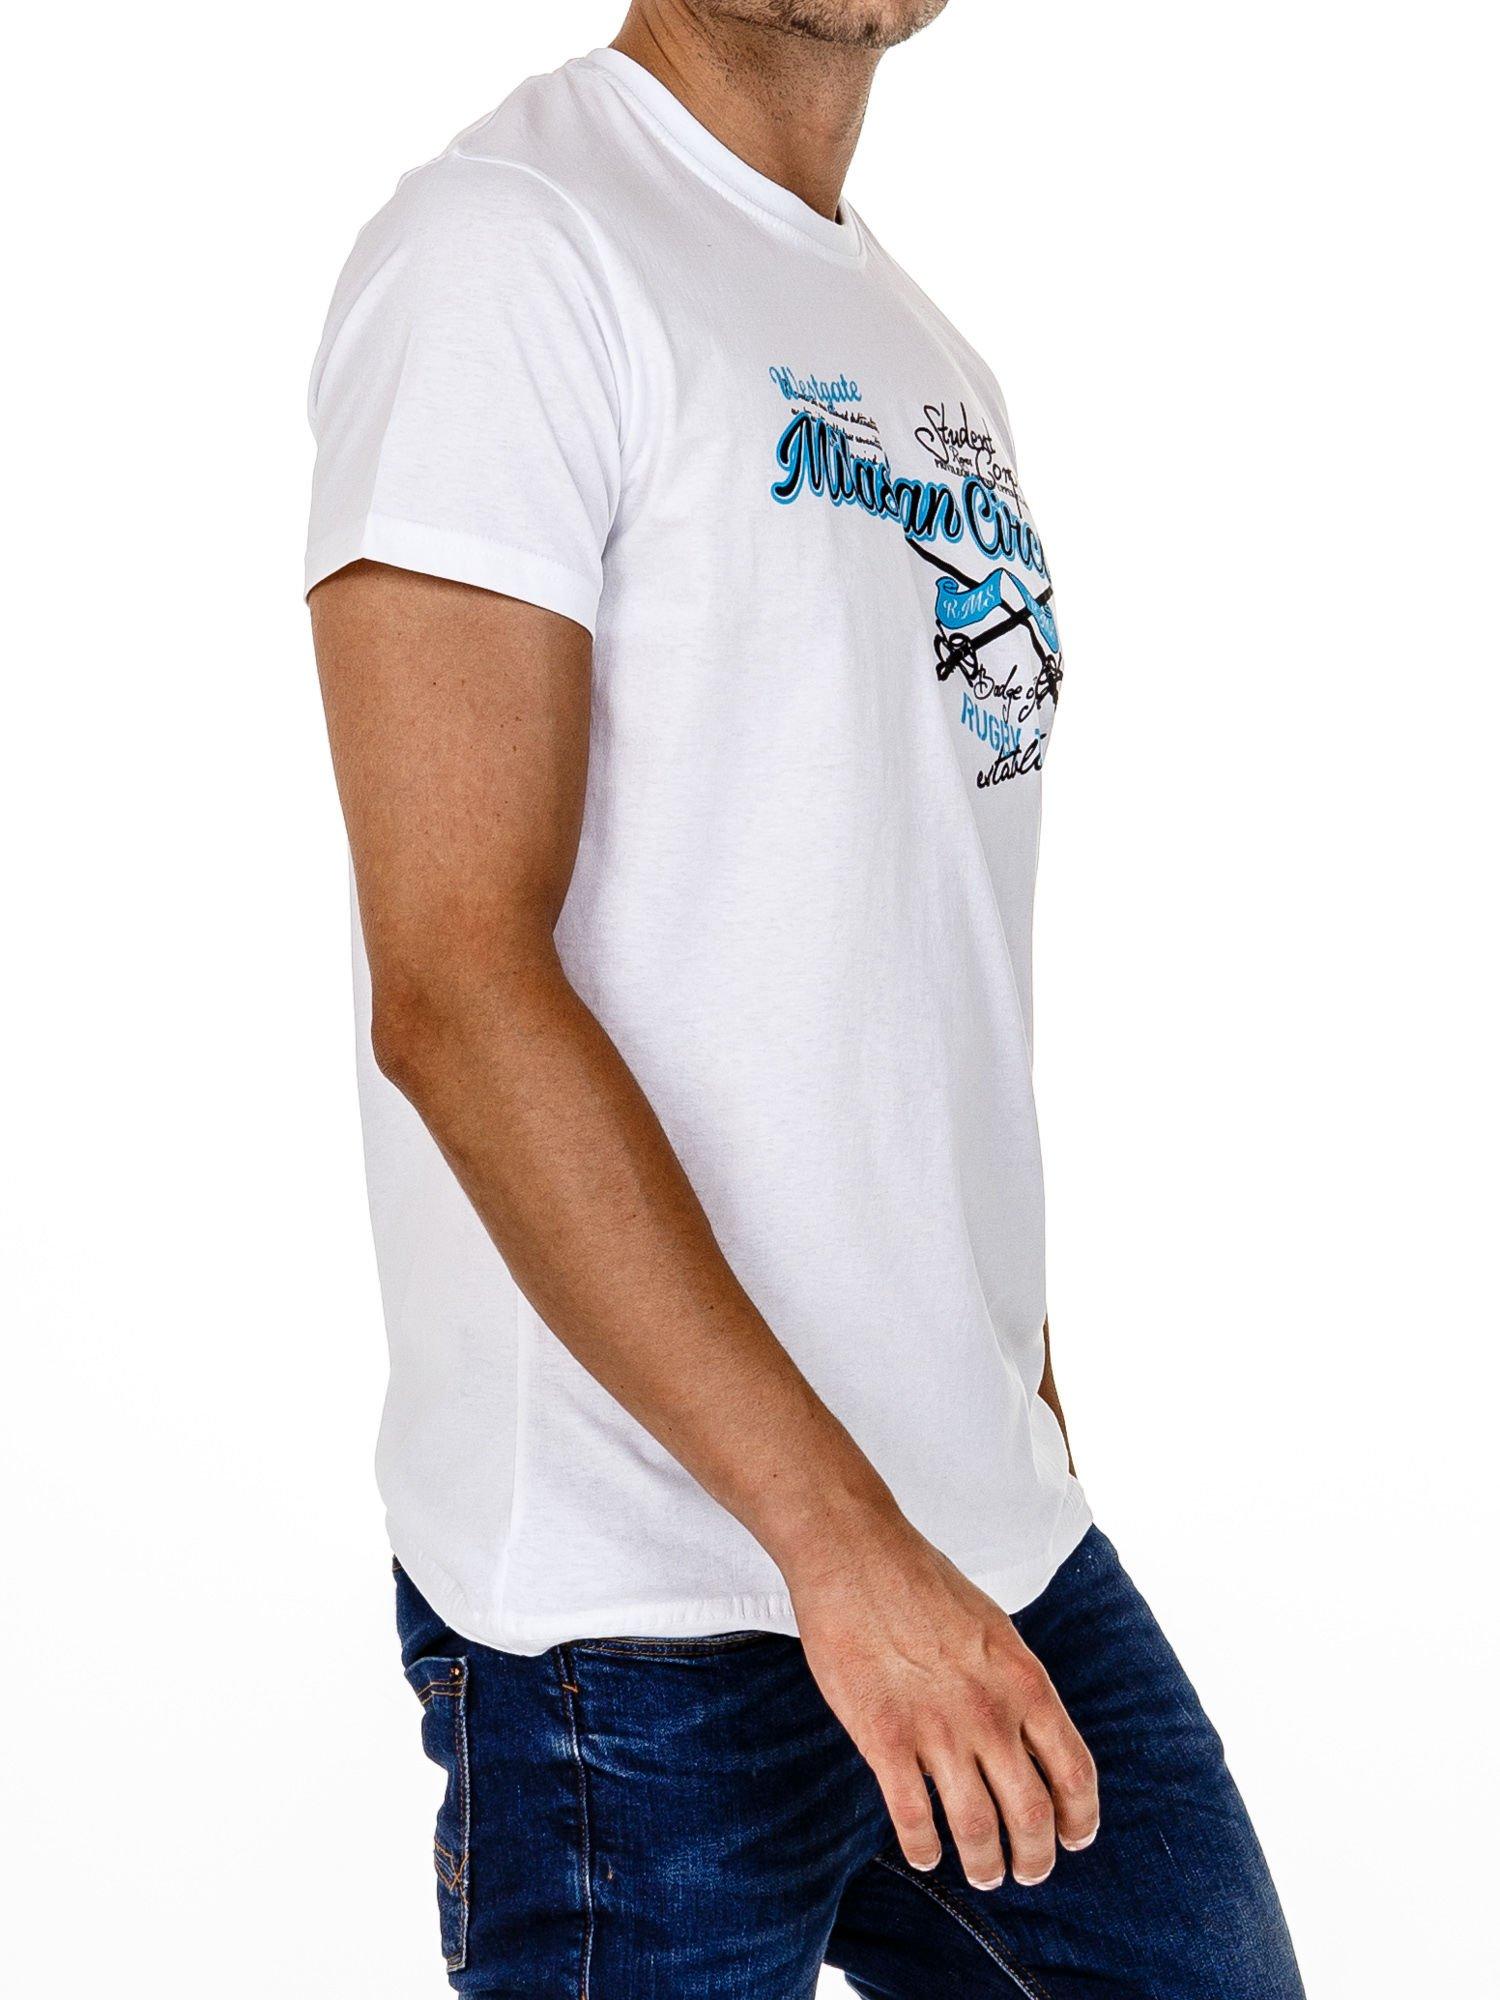 Biały t-shirt męski z nadrukiem napisów w sportowym stylu                                  zdj.                                  4